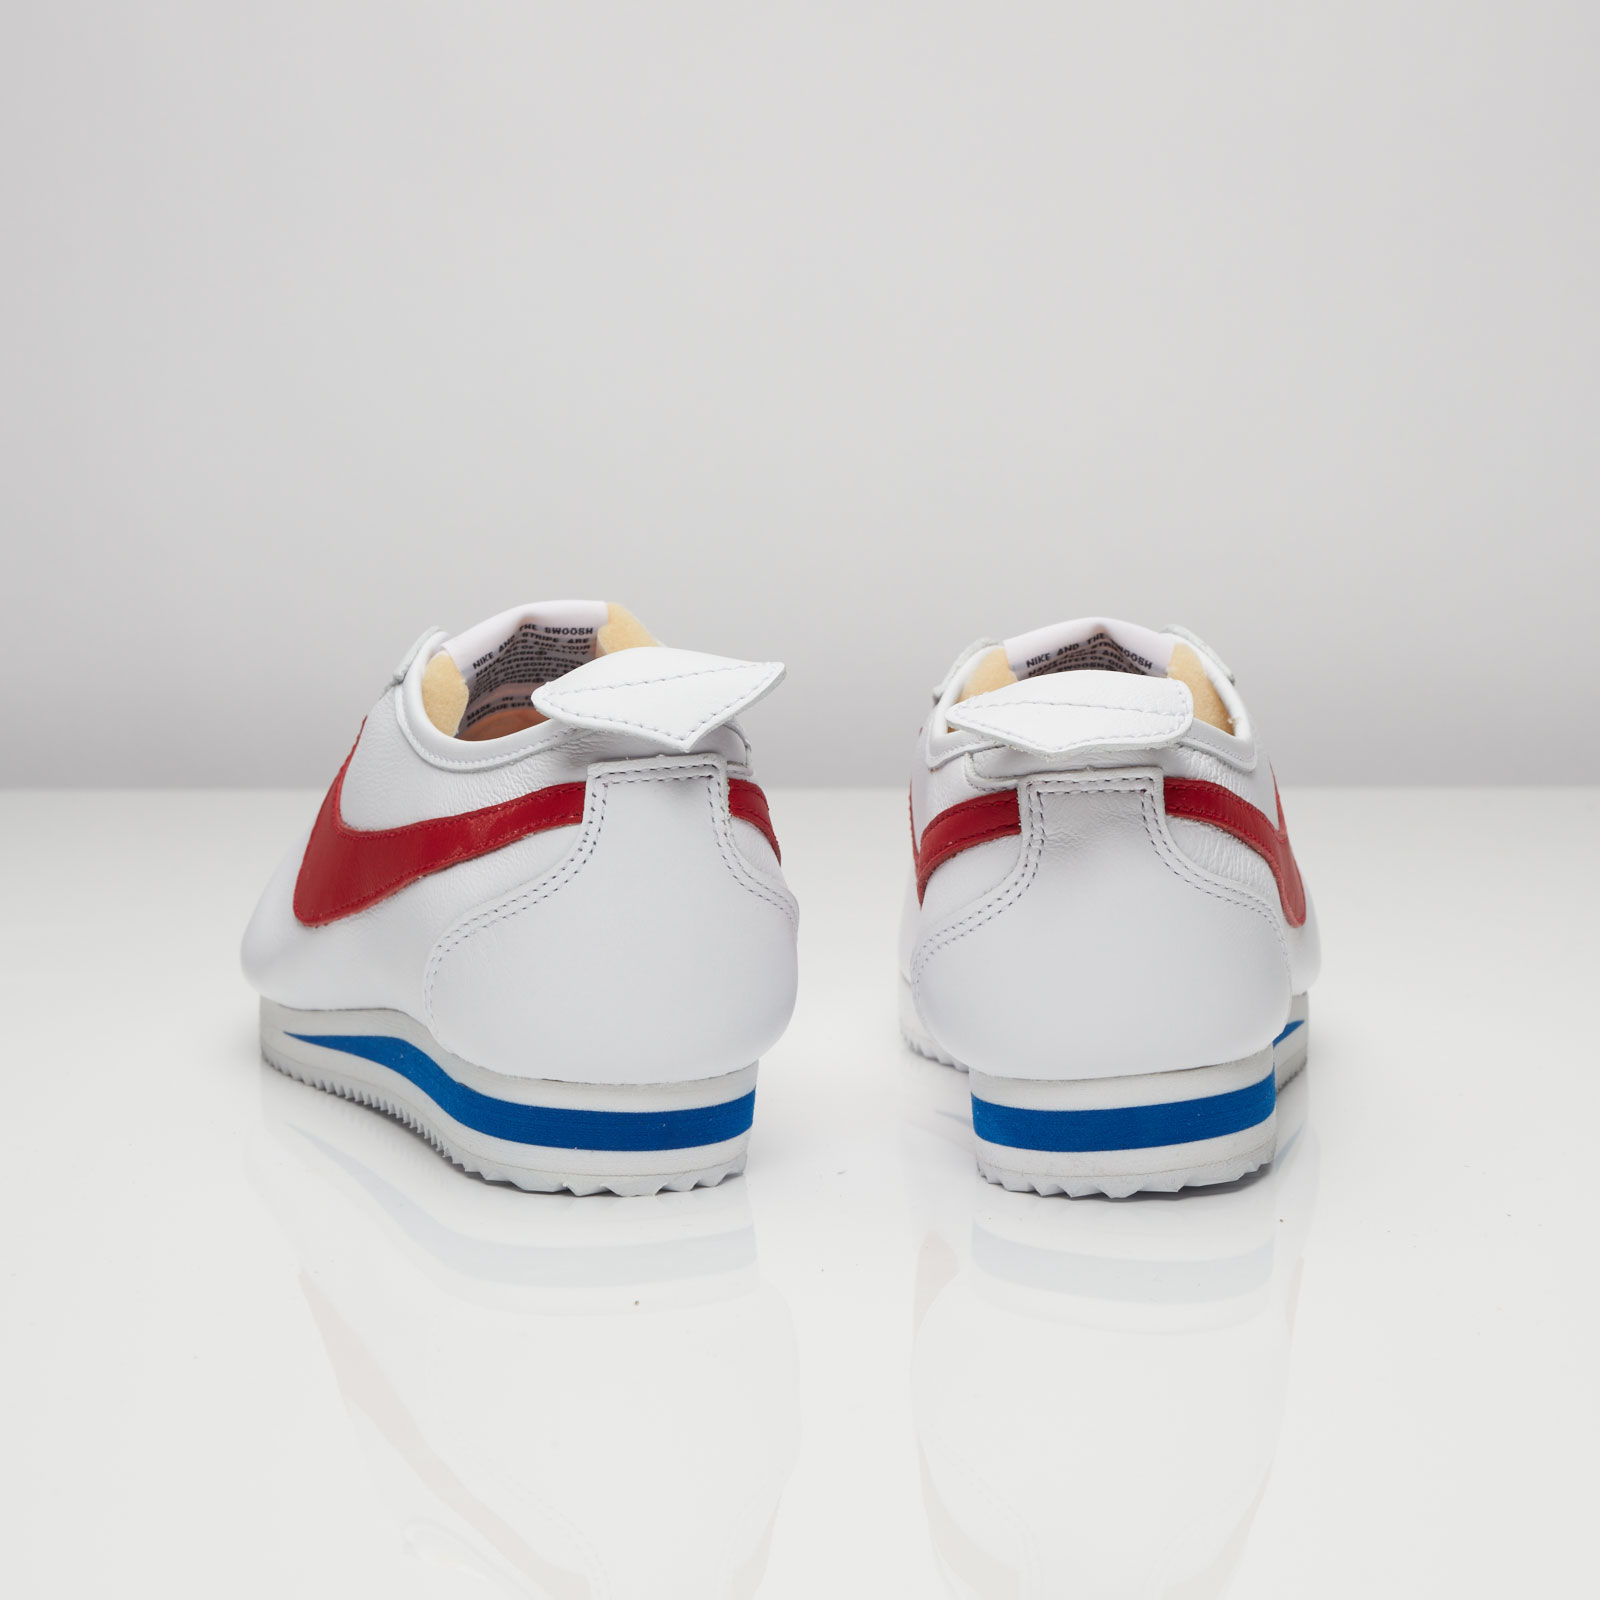 new product a5fa7 3e31c Nike Wmns Nike Cortez 72 - 847126-101 - Sneakersnstuff   sneakers    streetwear online since 1999